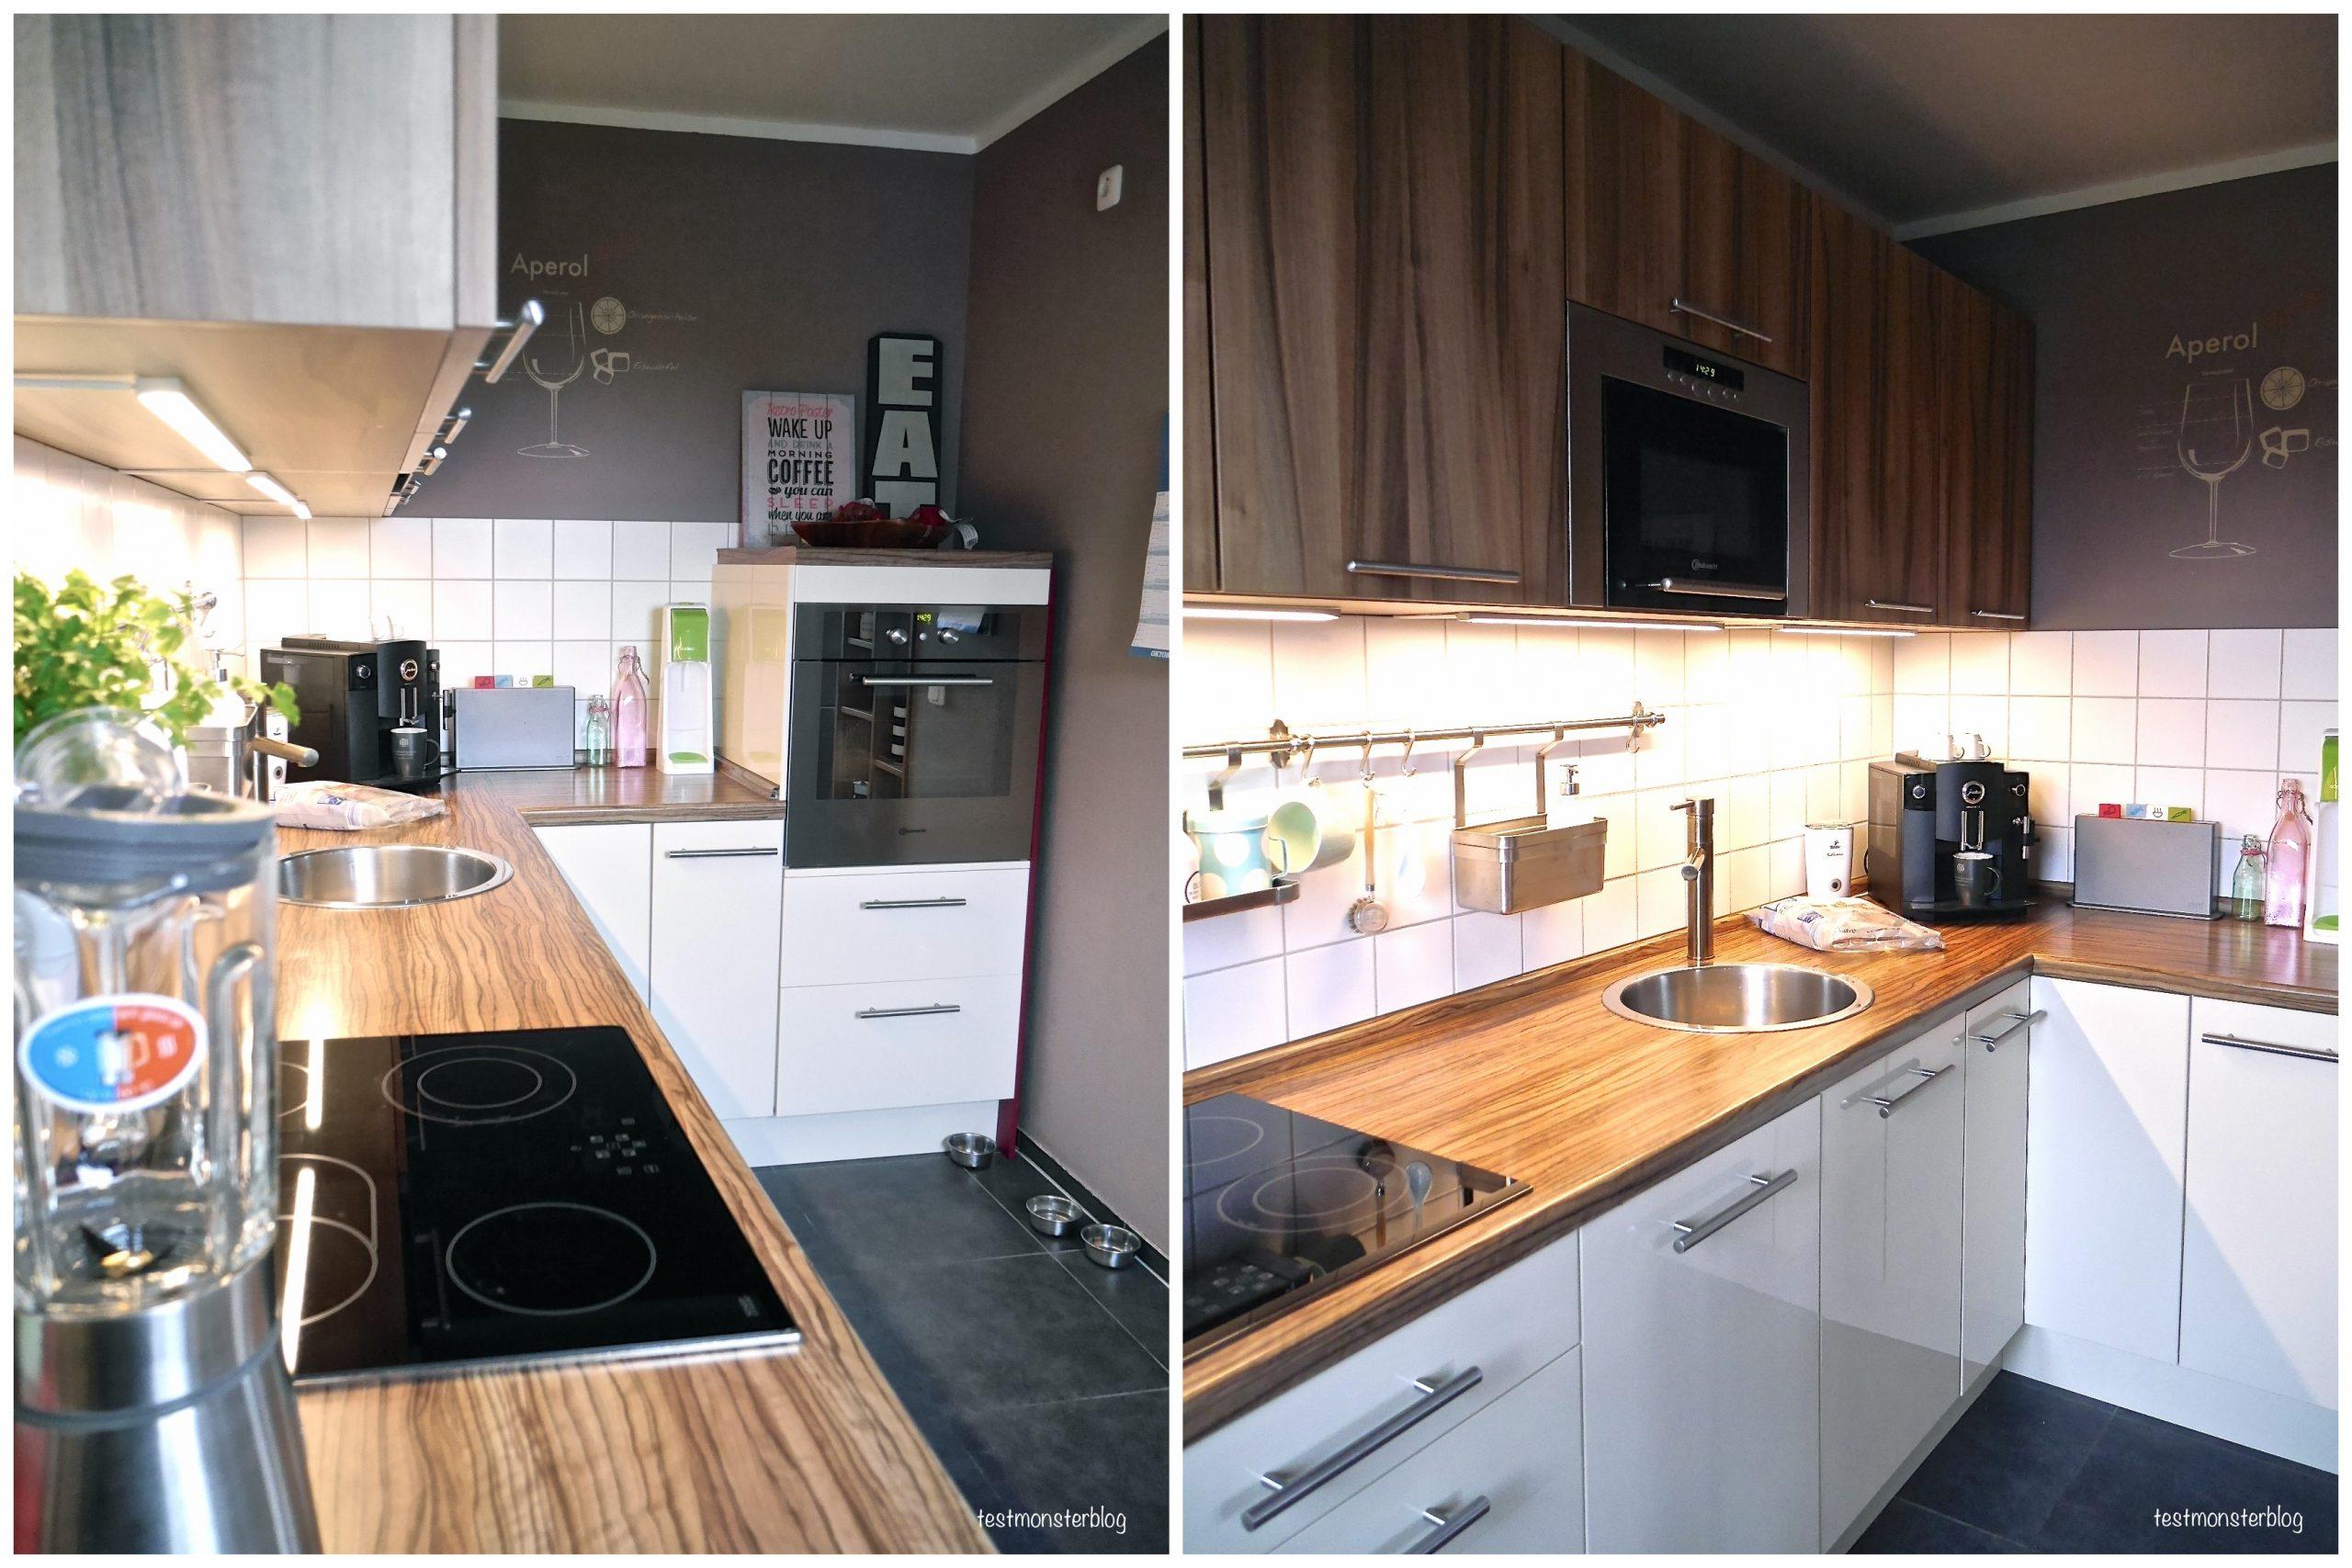 Full Size of Schrankküche Ikea Kche Metodplan Mich Bitte Selbst Küche Kosten Sofa Mit Schlaffunktion Miniküche Betten Bei Kaufen 160x200 Modulküche Wohnzimmer Schrankküche Ikea